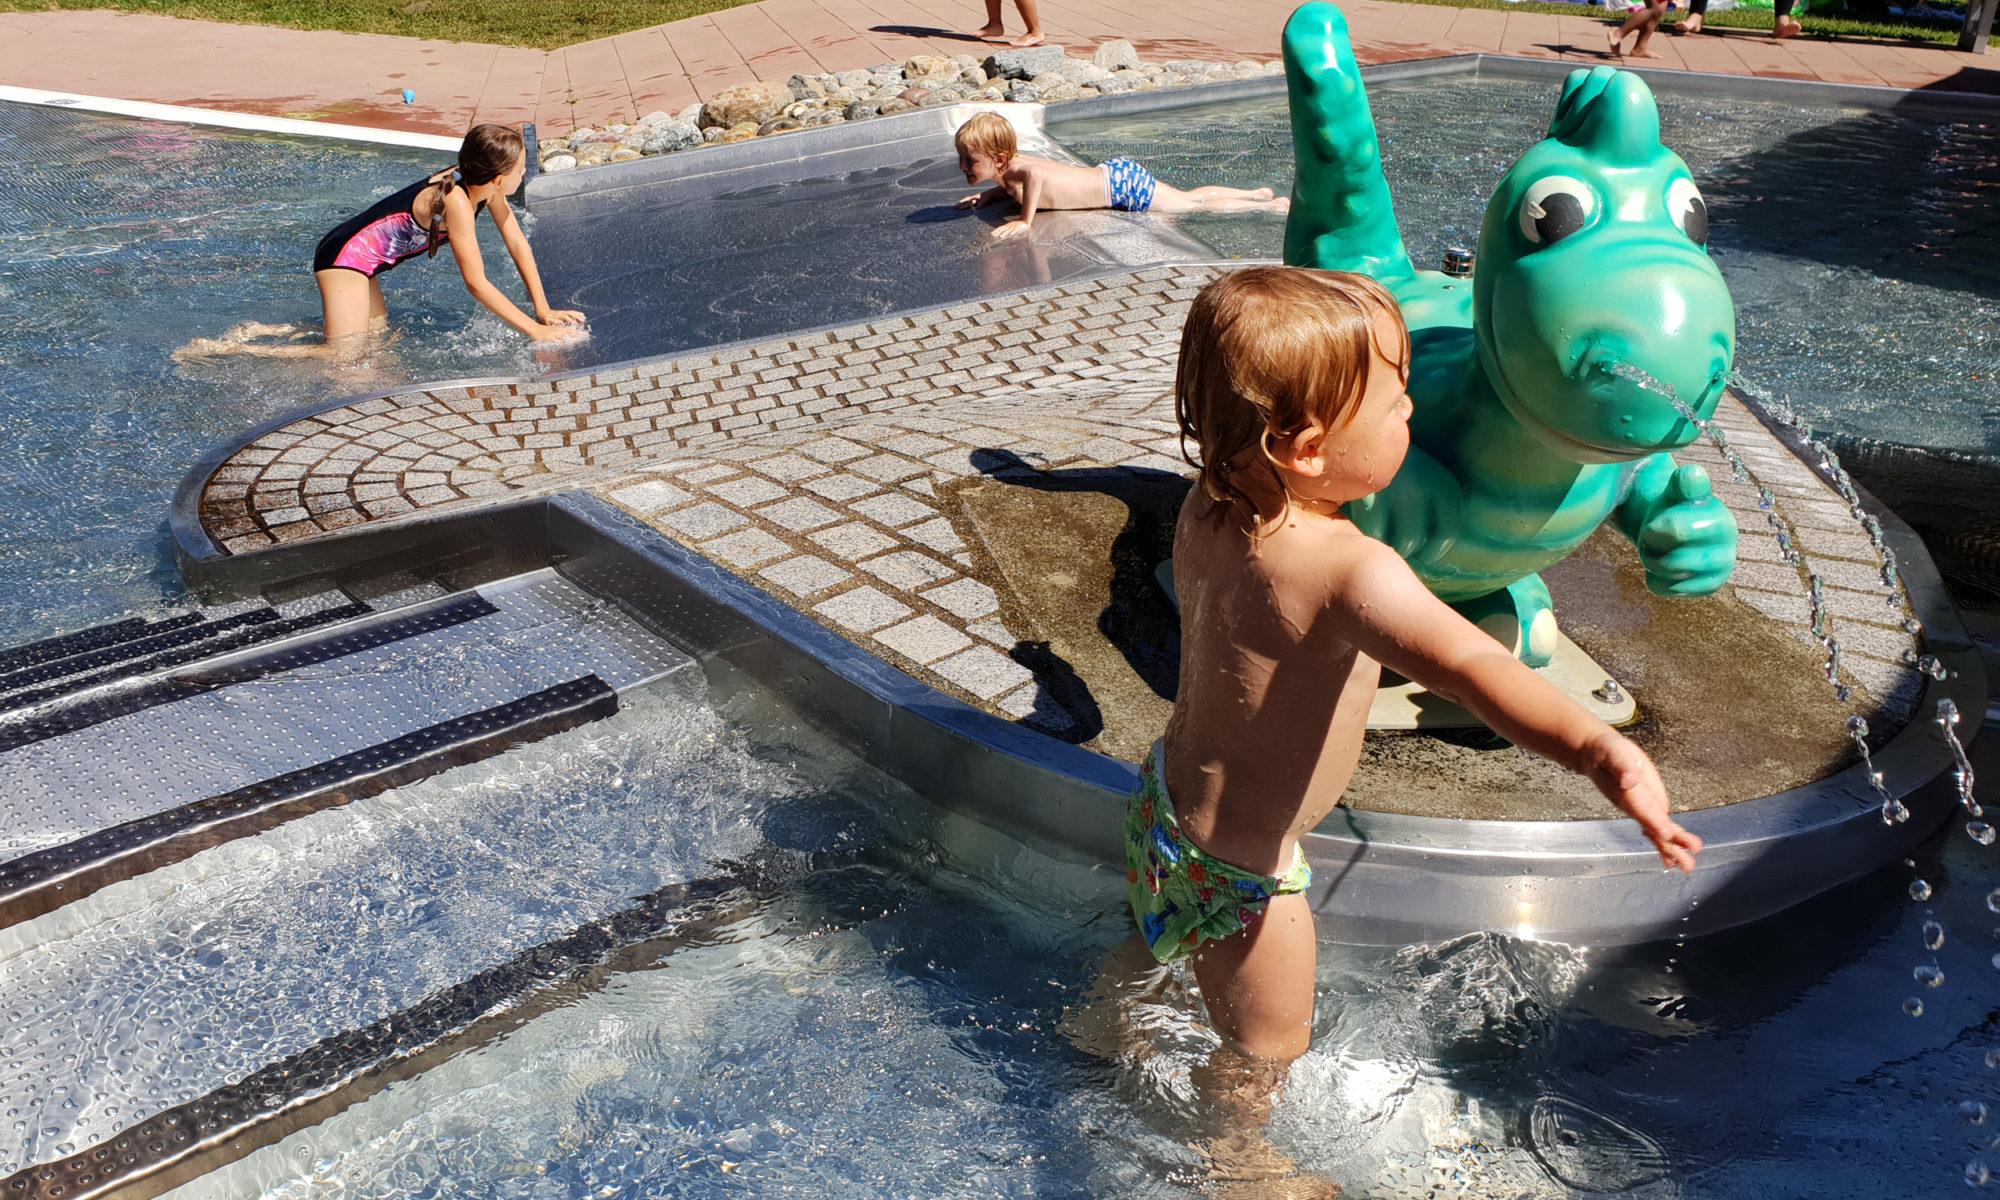 Nachdem Wir Schon Einige Badeseen Und Wasserspielplätze Vorgestellt Haben,  Nehmen Wir Euch Heute Mit In Ein Super Schönes Freibad Für Kinder.